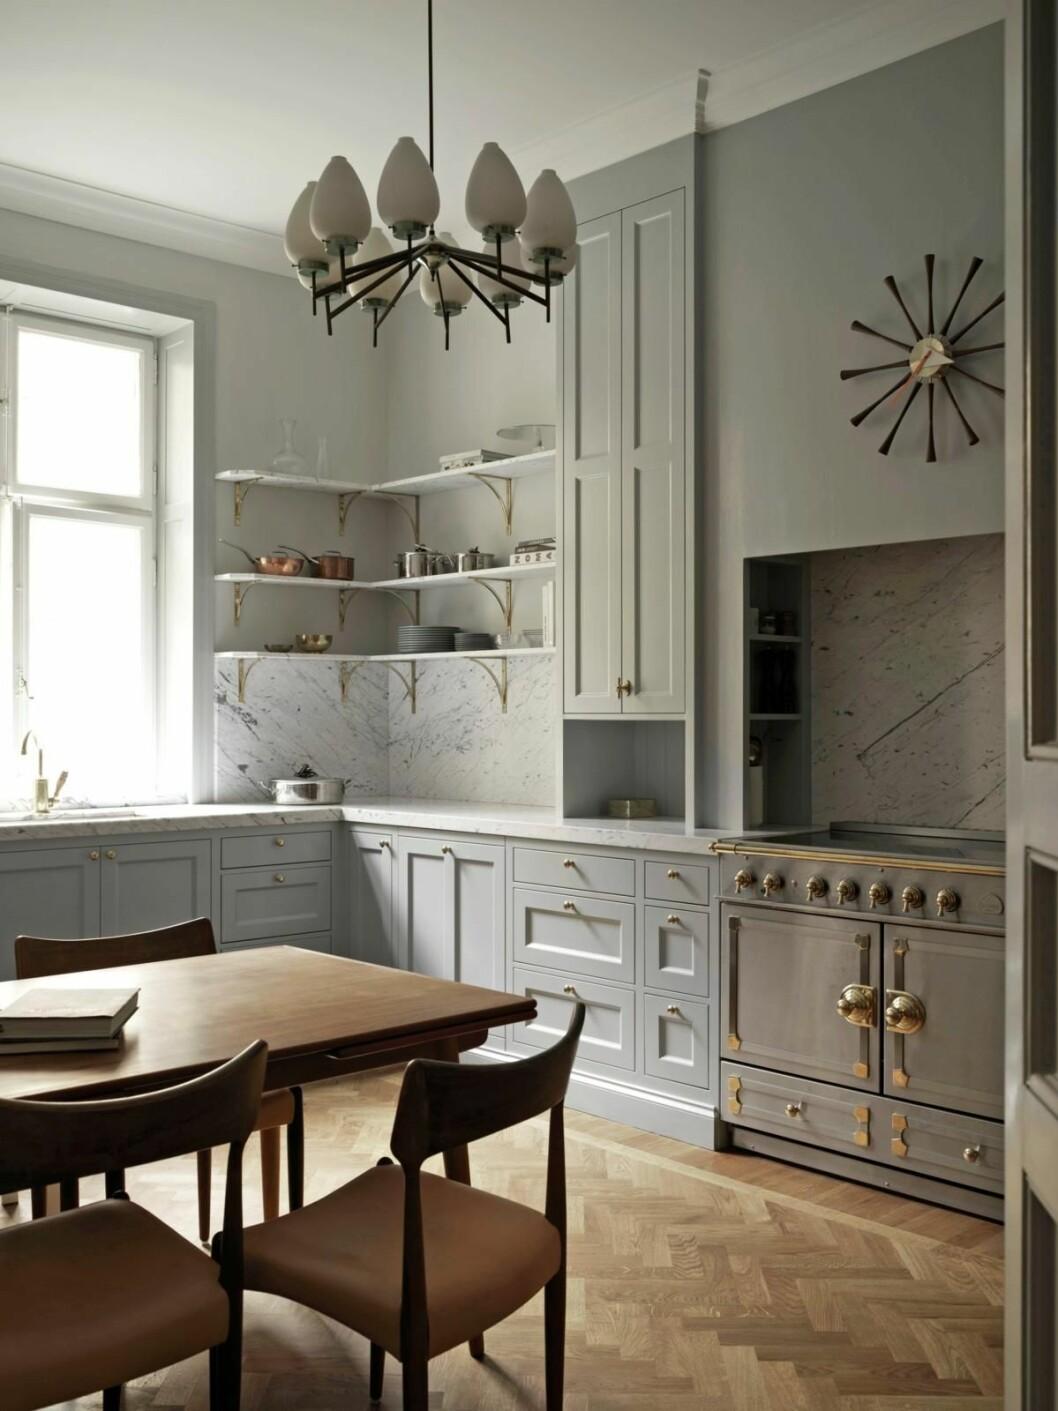 ett kök stylat av Joanna laven